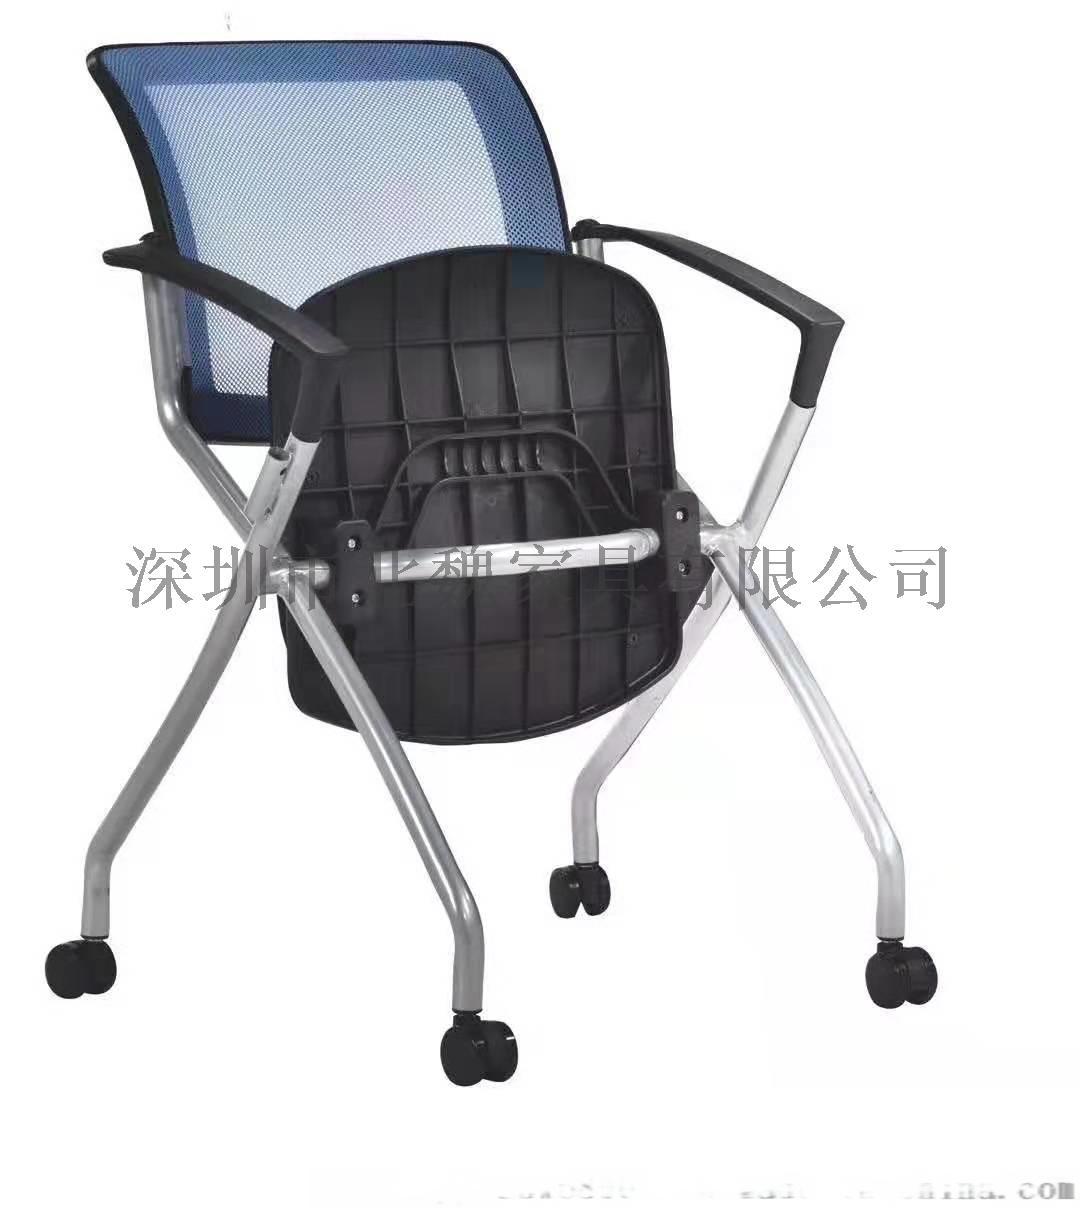 智慧学习桌椅-互动课堂桌椅-培训桌学习桌122959155